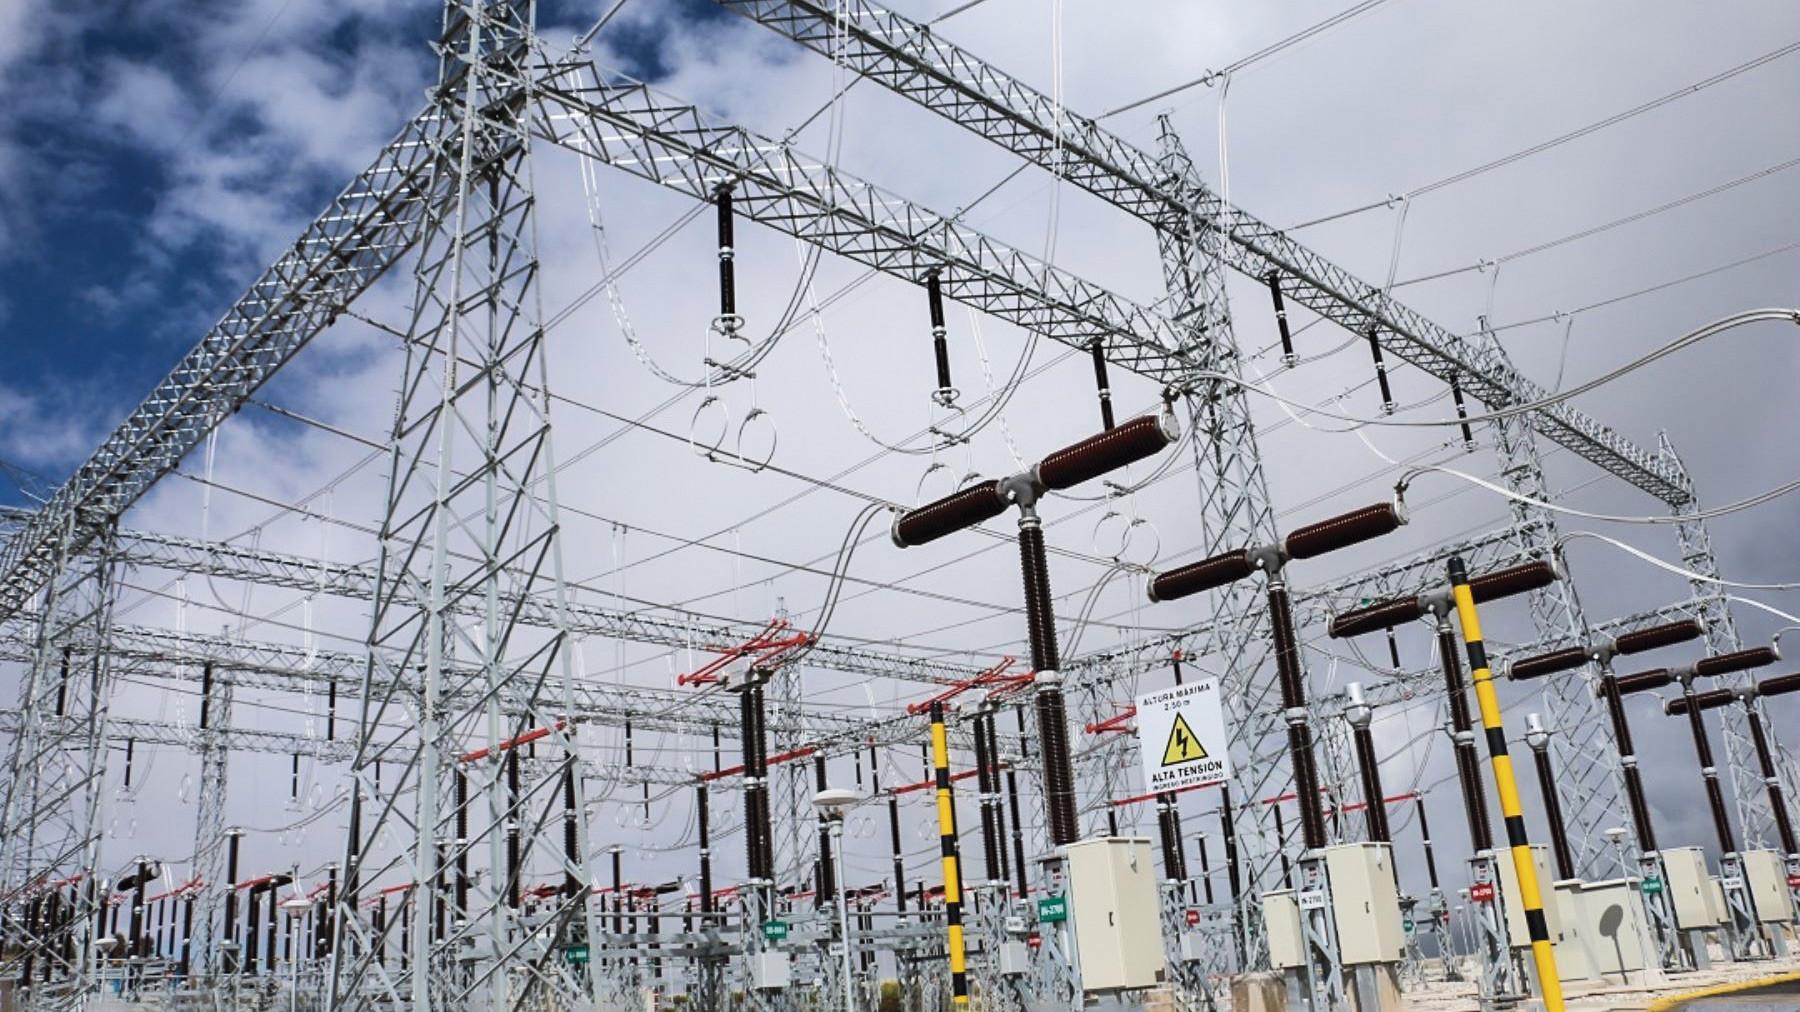 Las generadoras y distribuidoras eléctricas se recuperarán de la crisis a fin de año